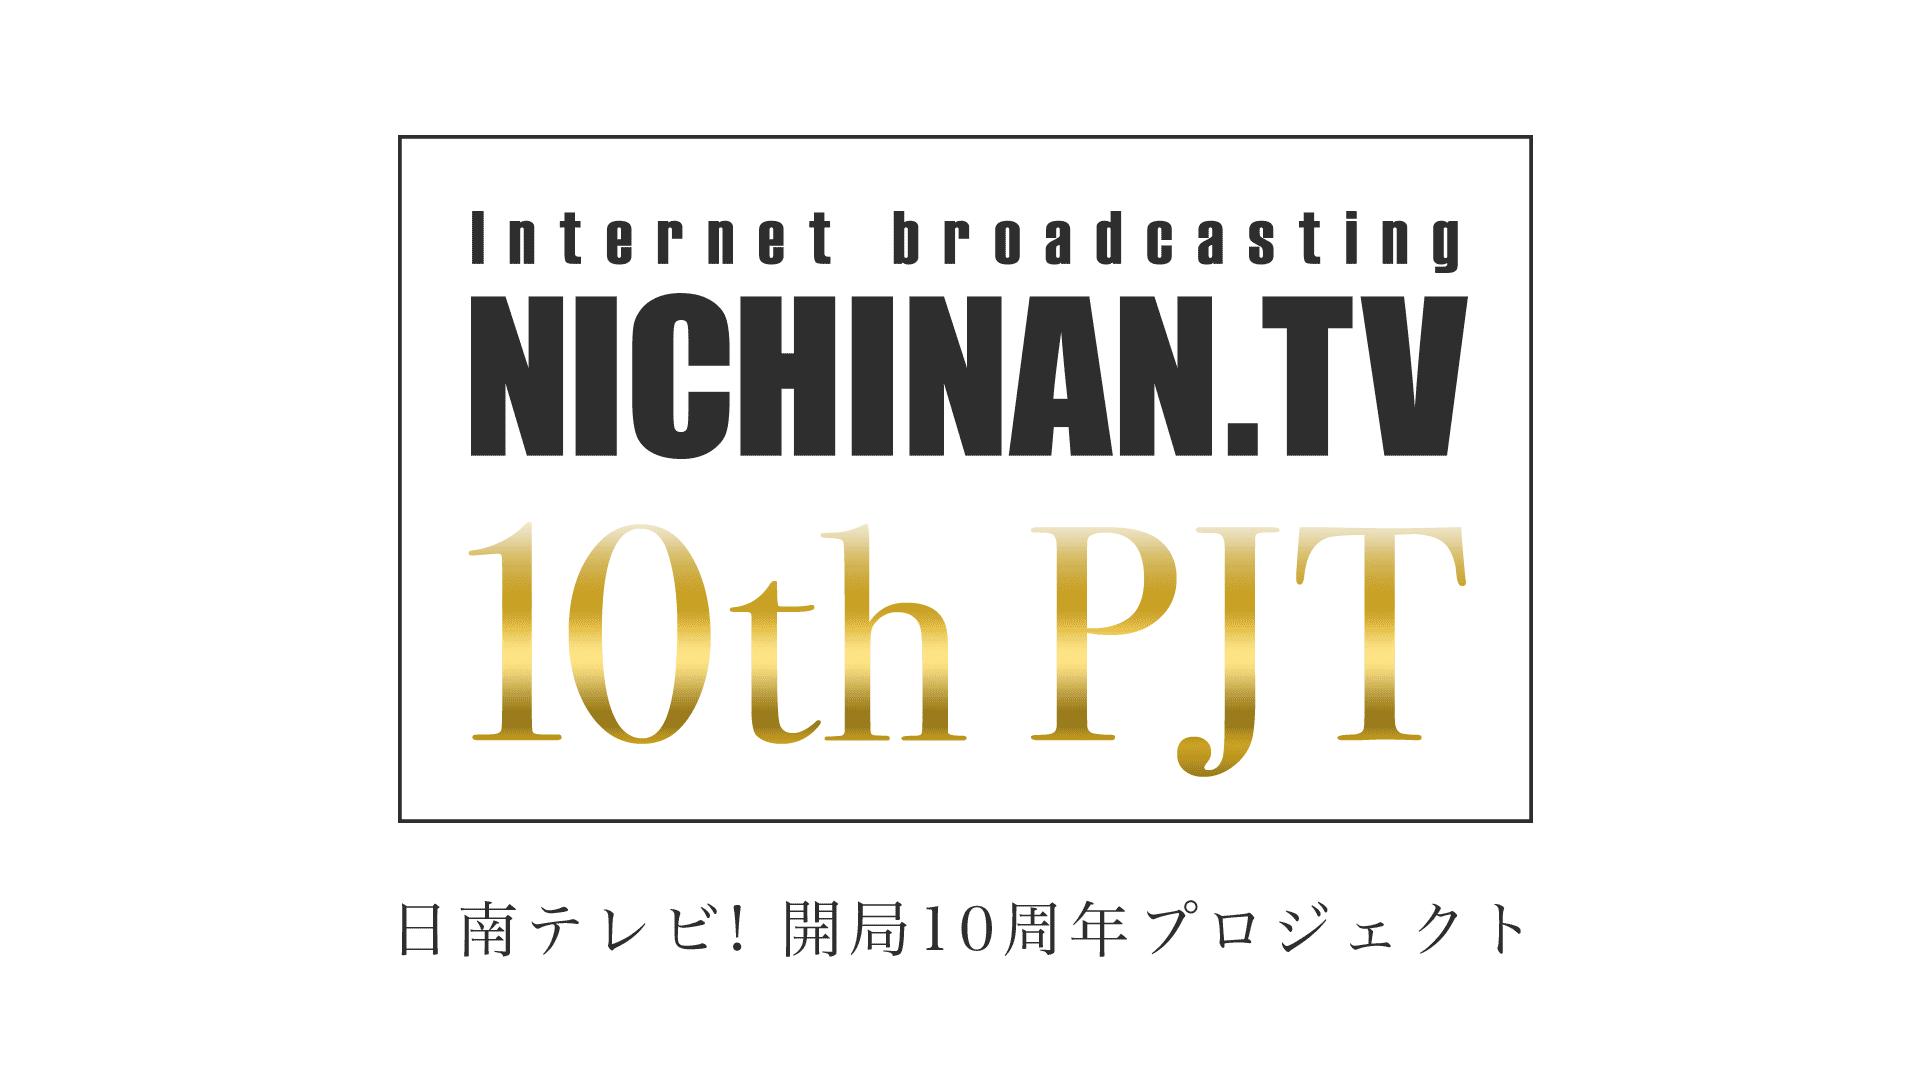 日南テレビ! 開局10周年プロジェクト